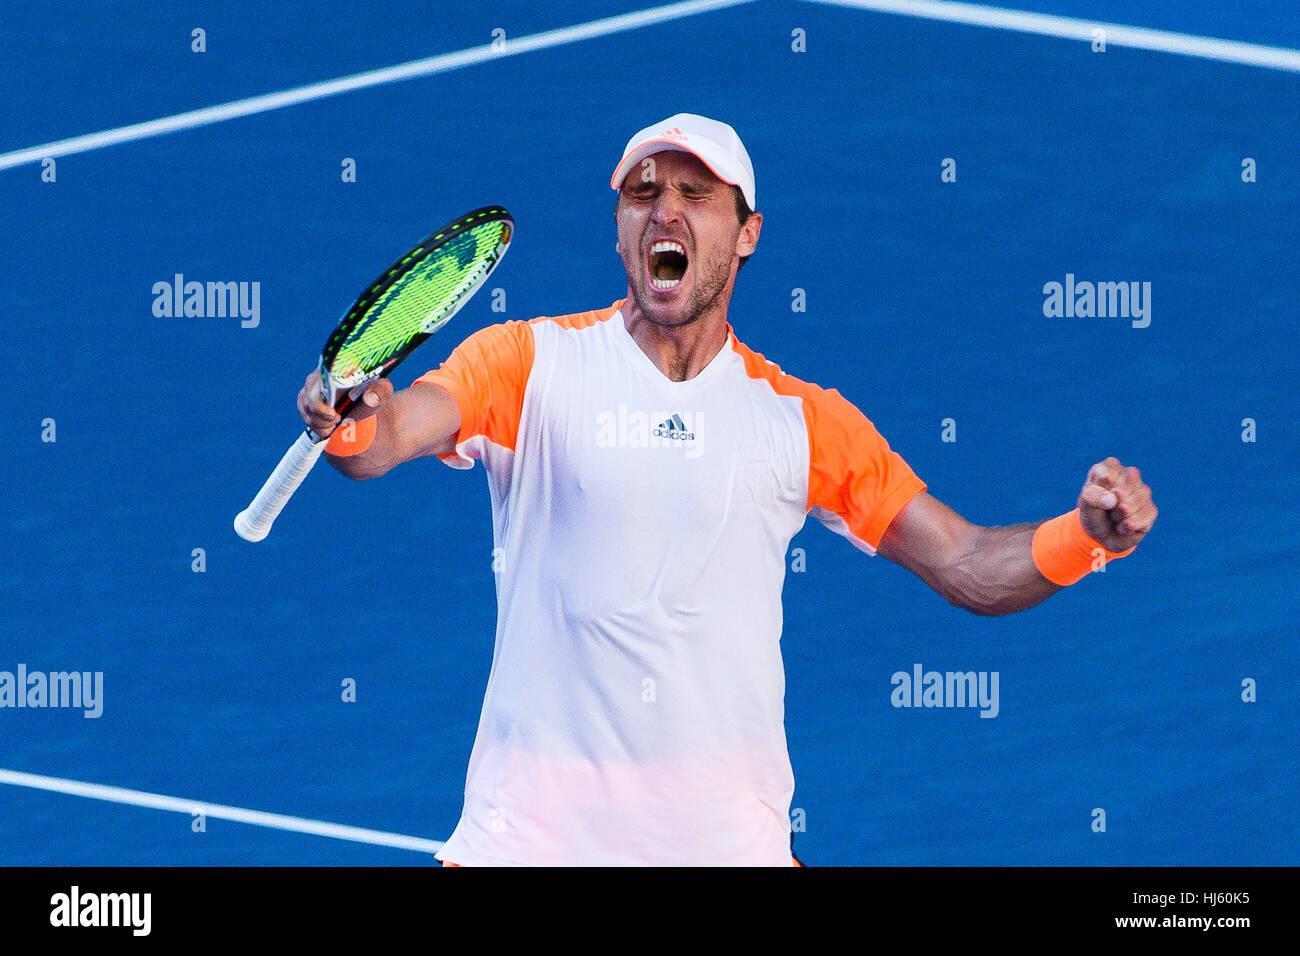 Mischa Zverev Allemagne exclut du numéro un mondial Andy Murray lors de l'Australian Open de Tennis 2017 Photo Stock